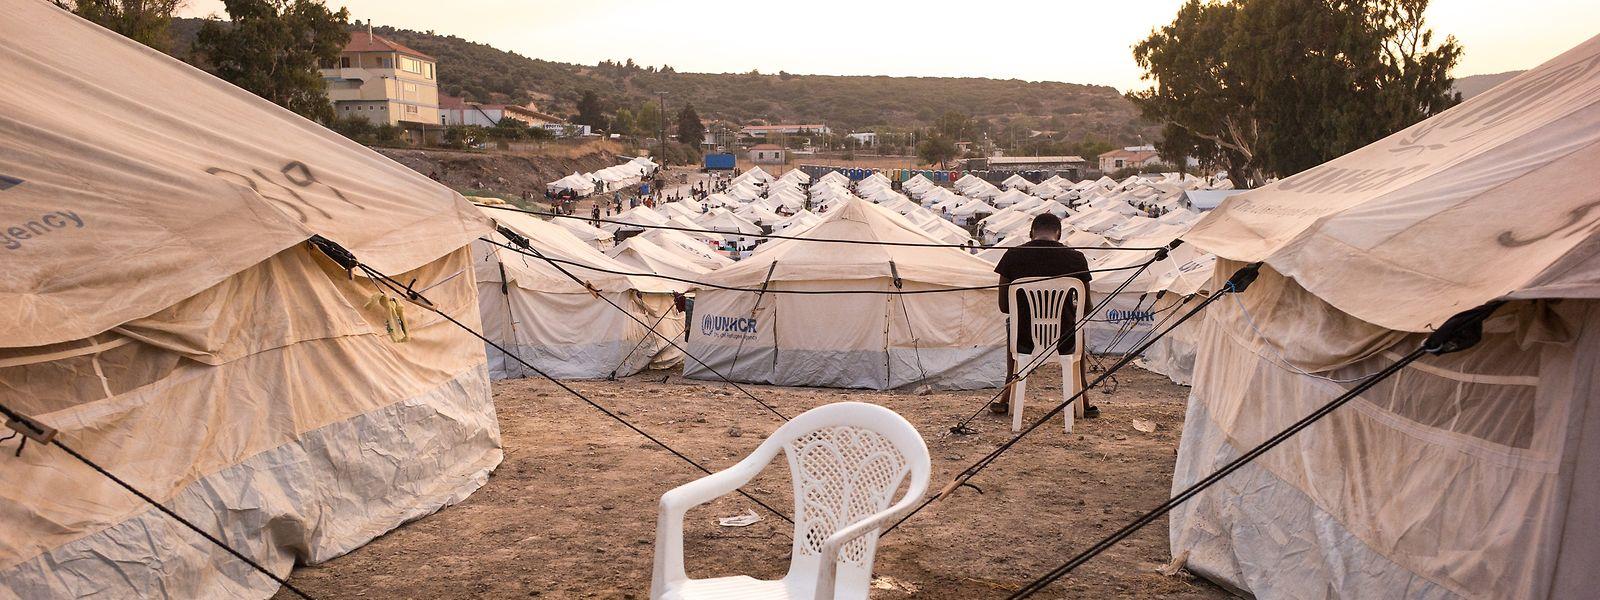 Blick auf das eilends errichtete Migrantenlager Kara Tepe auf der griechischen Insel Lesbos, das sich nach jedem Gewitter in eine schlammige Brache verwandelt.